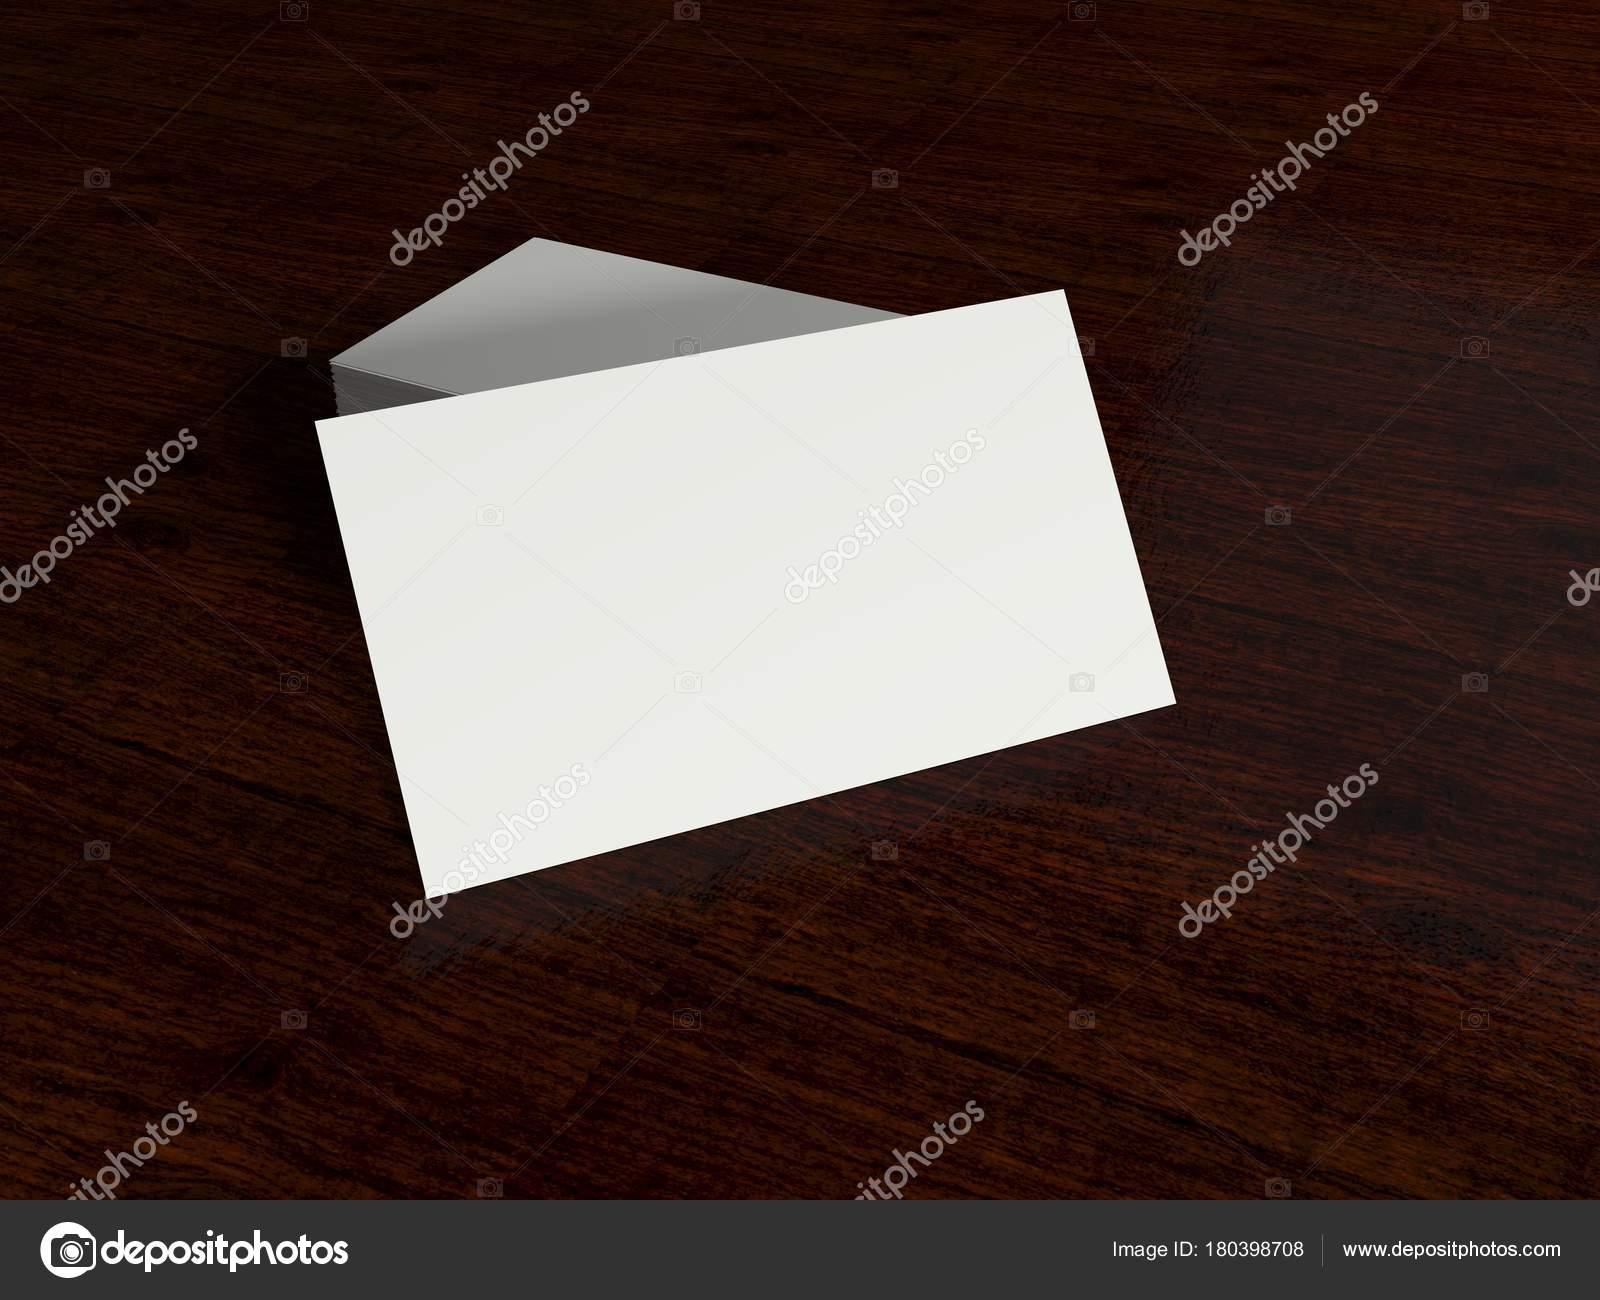 Carte De Visite Vide Blanc Sur Un Bureau Modle 3d Render Haute Rsolution Image Lokki61099